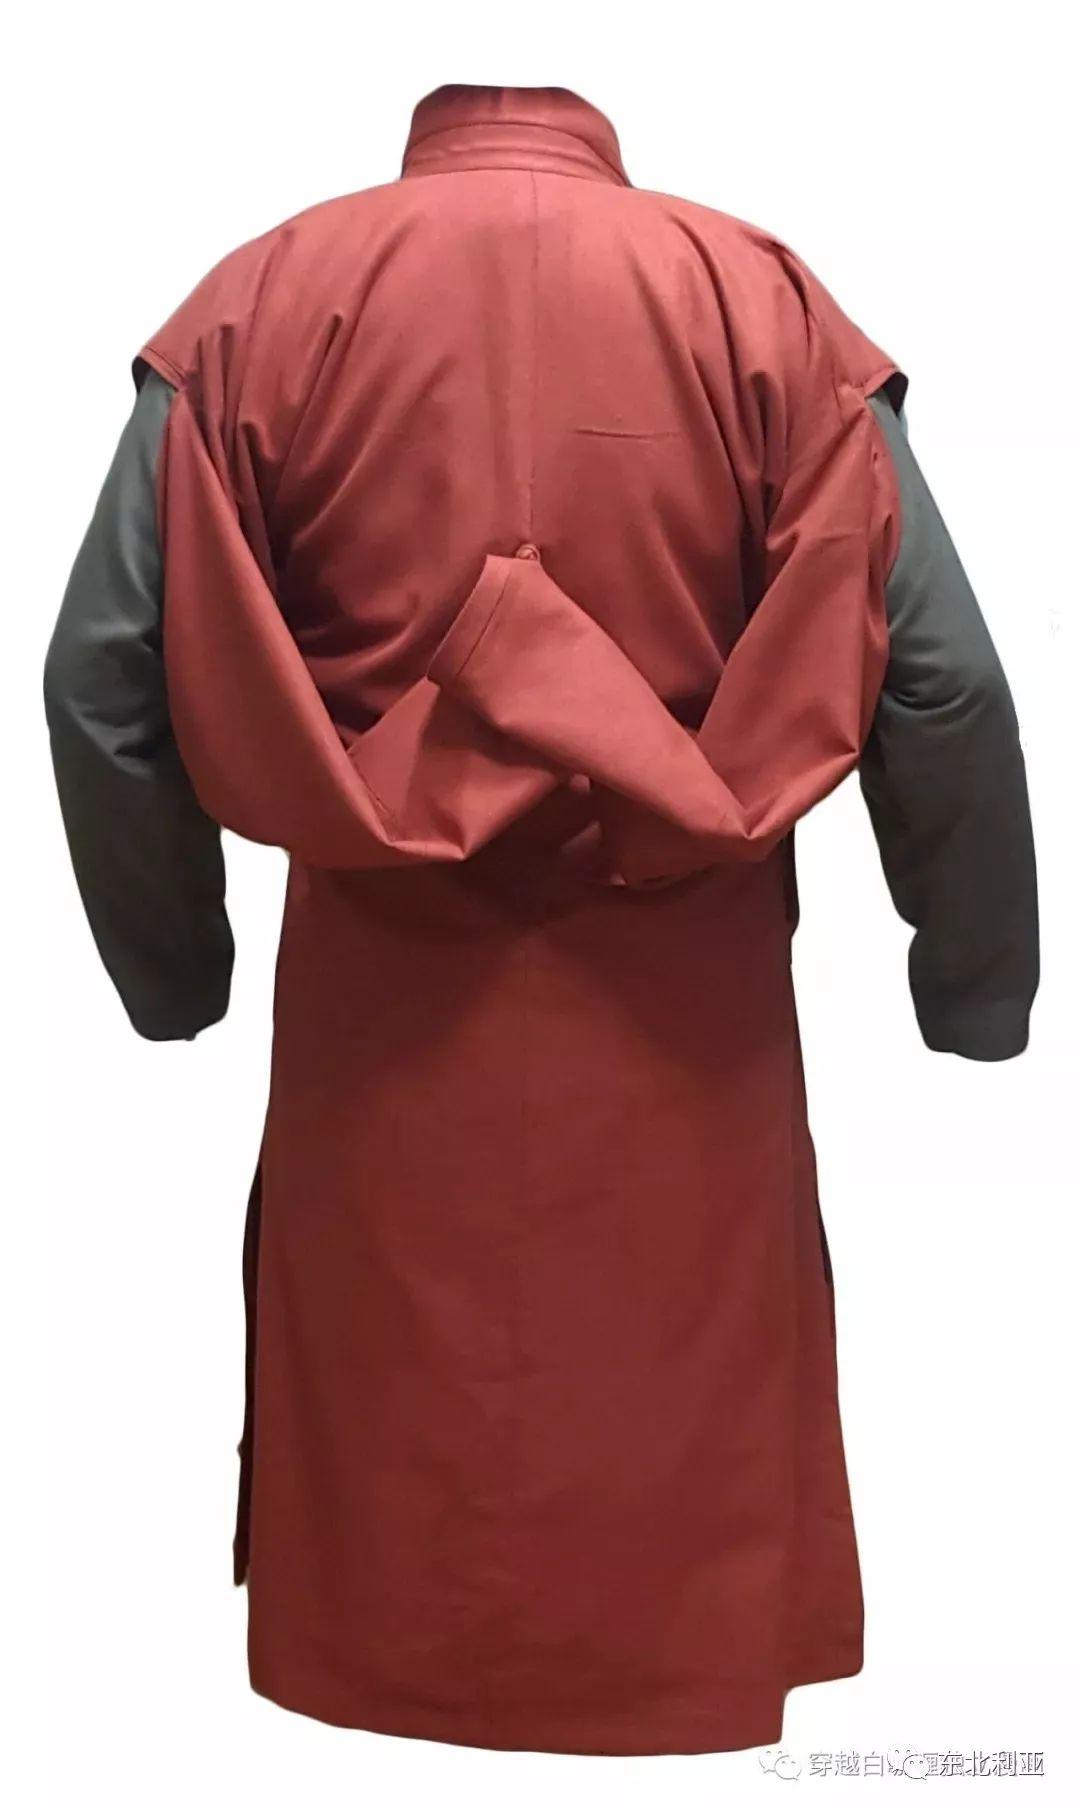 图集丨元代蒙古袍、画作及其复原品 第31张